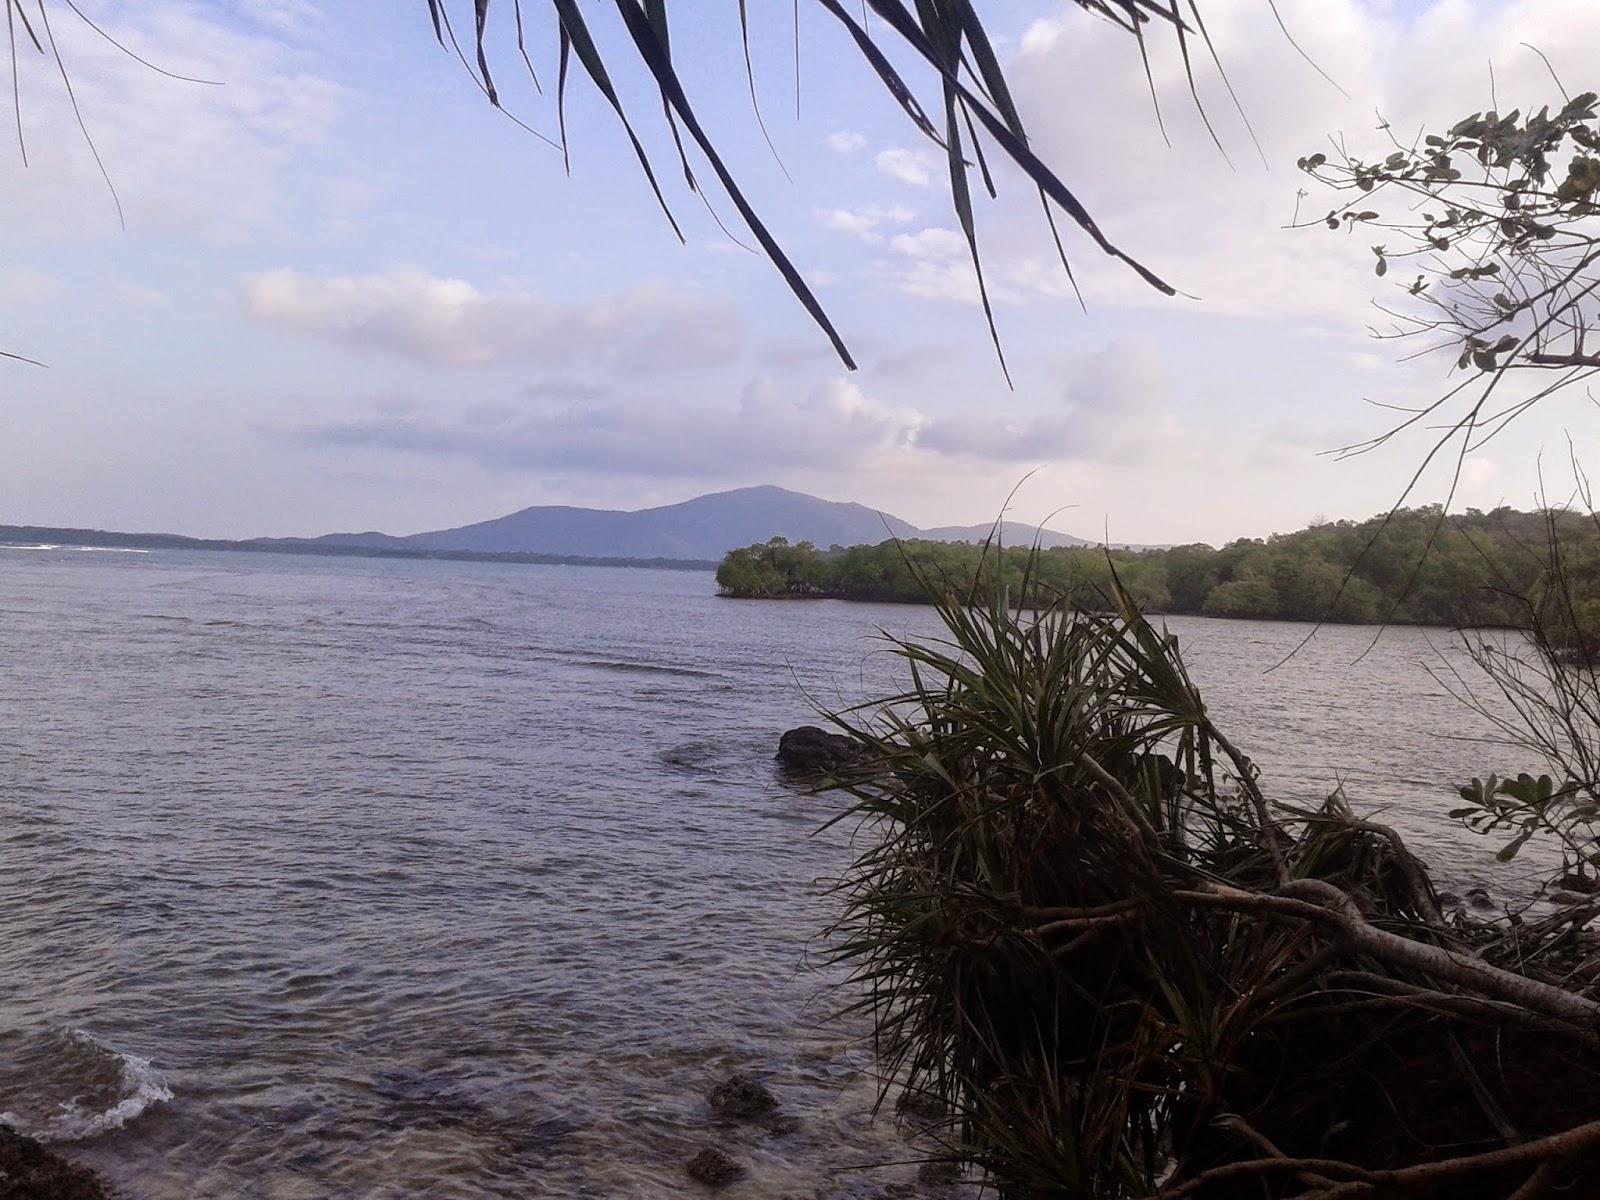 Sepanjang menyusuri rute pertama di Tracking Ujung Batulawang, Karimunjawa